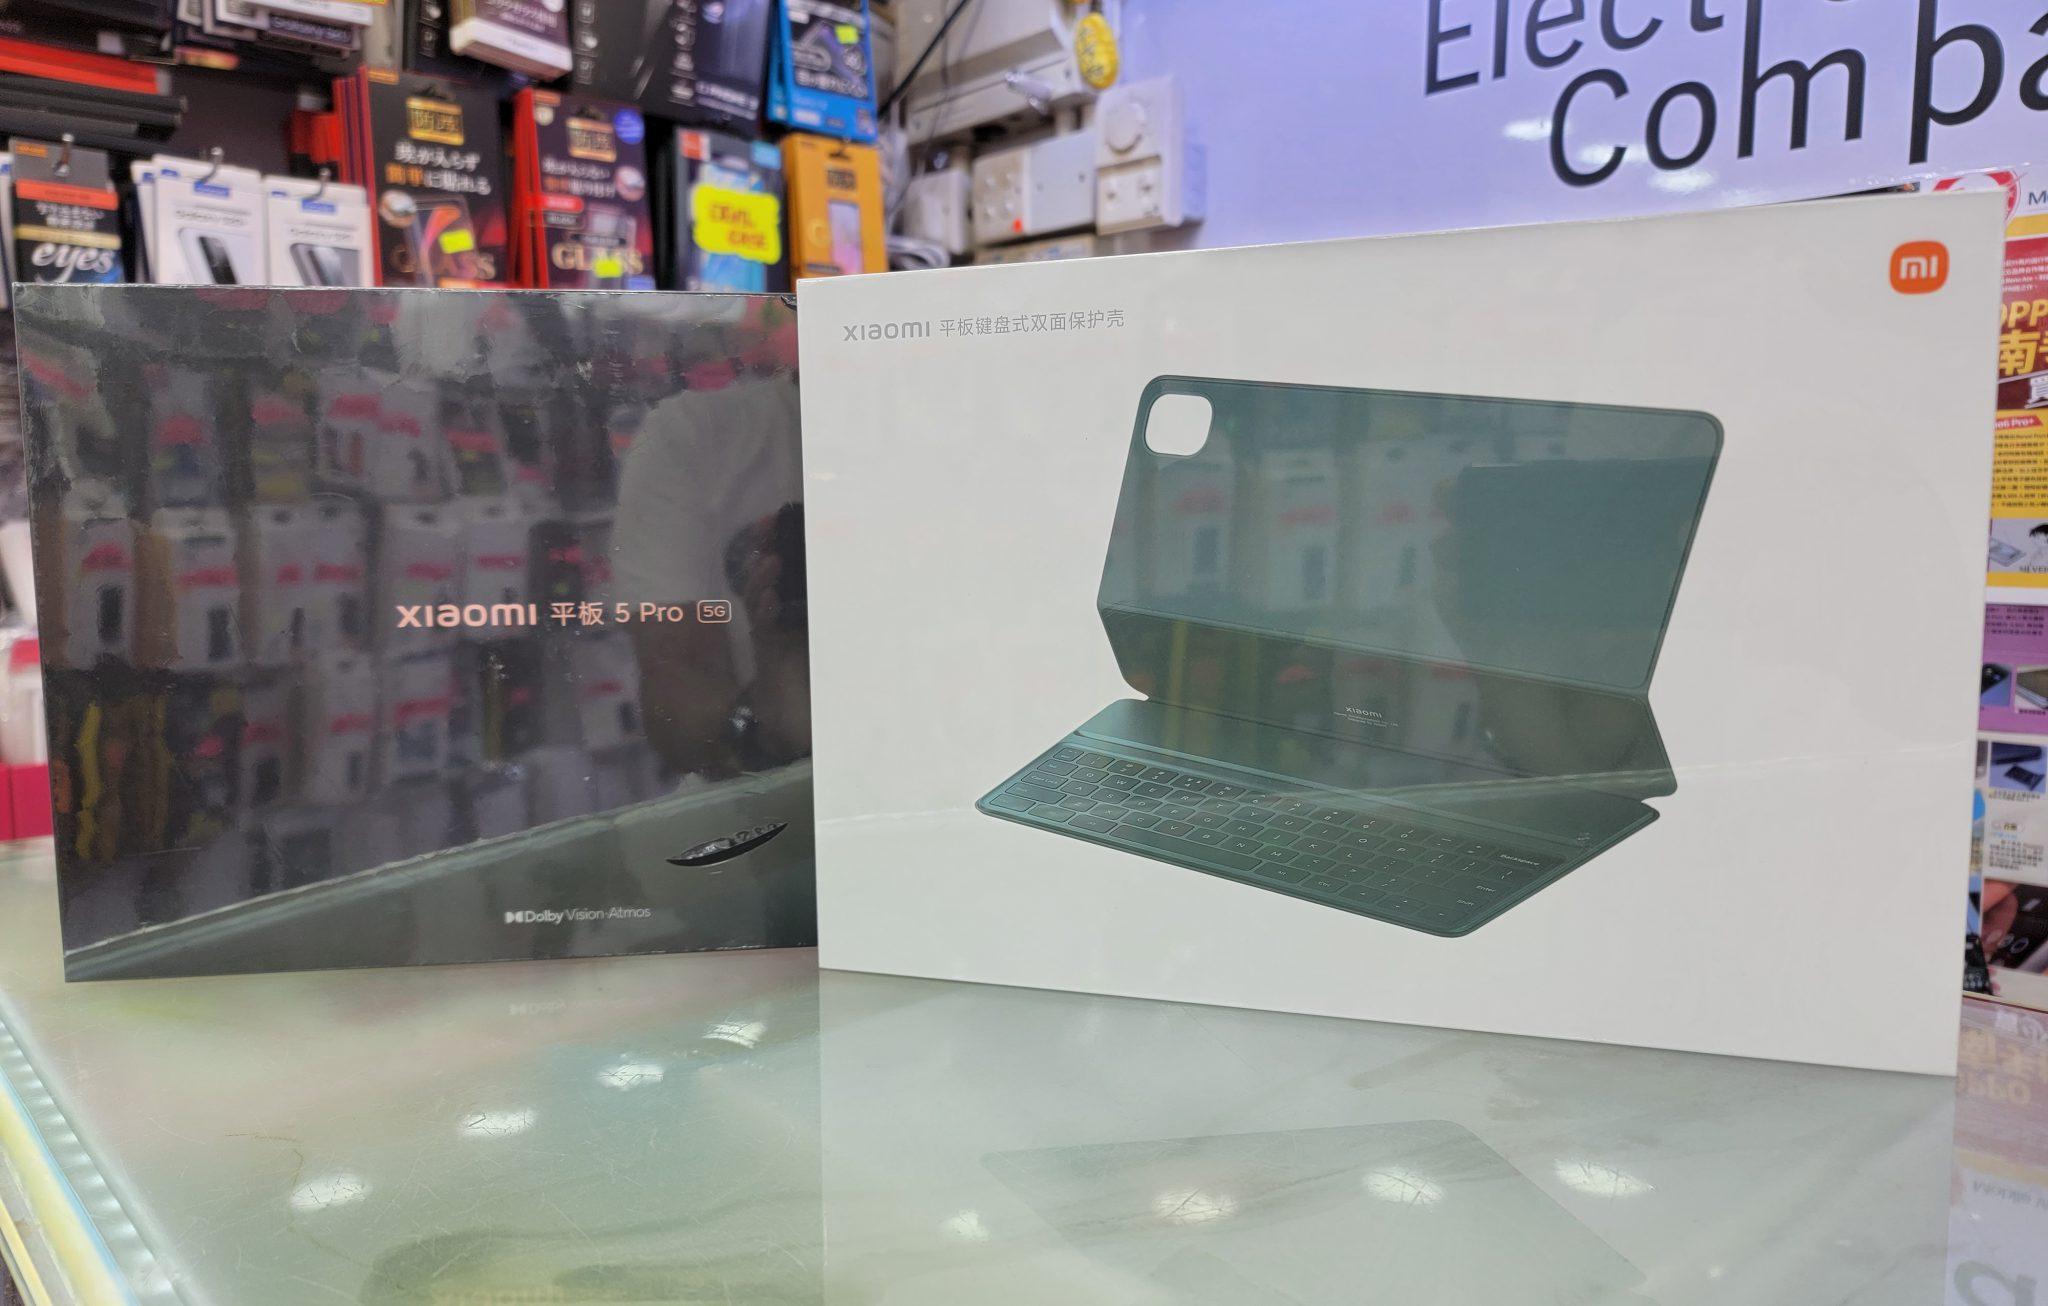 【水貨行情】有WiFi版及5G版,小米平板5 $2,700有交易!